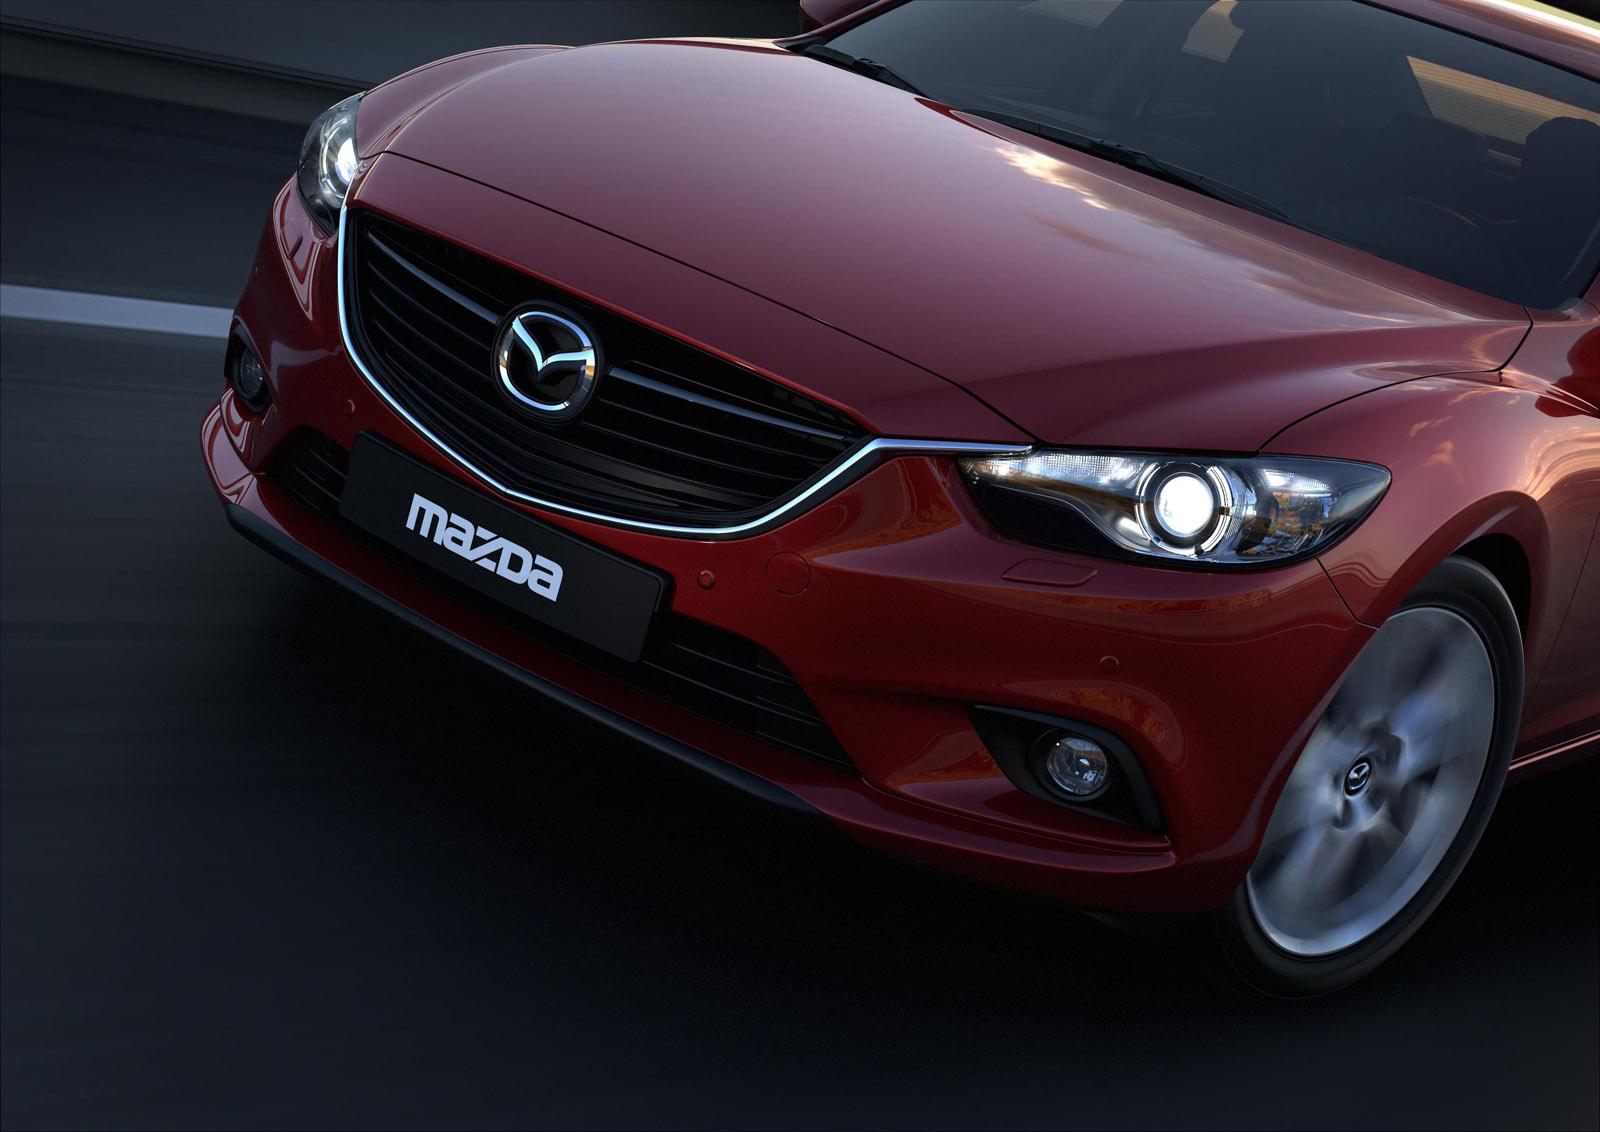 1908_588596_Mazda6_Sedan_2012_action_06